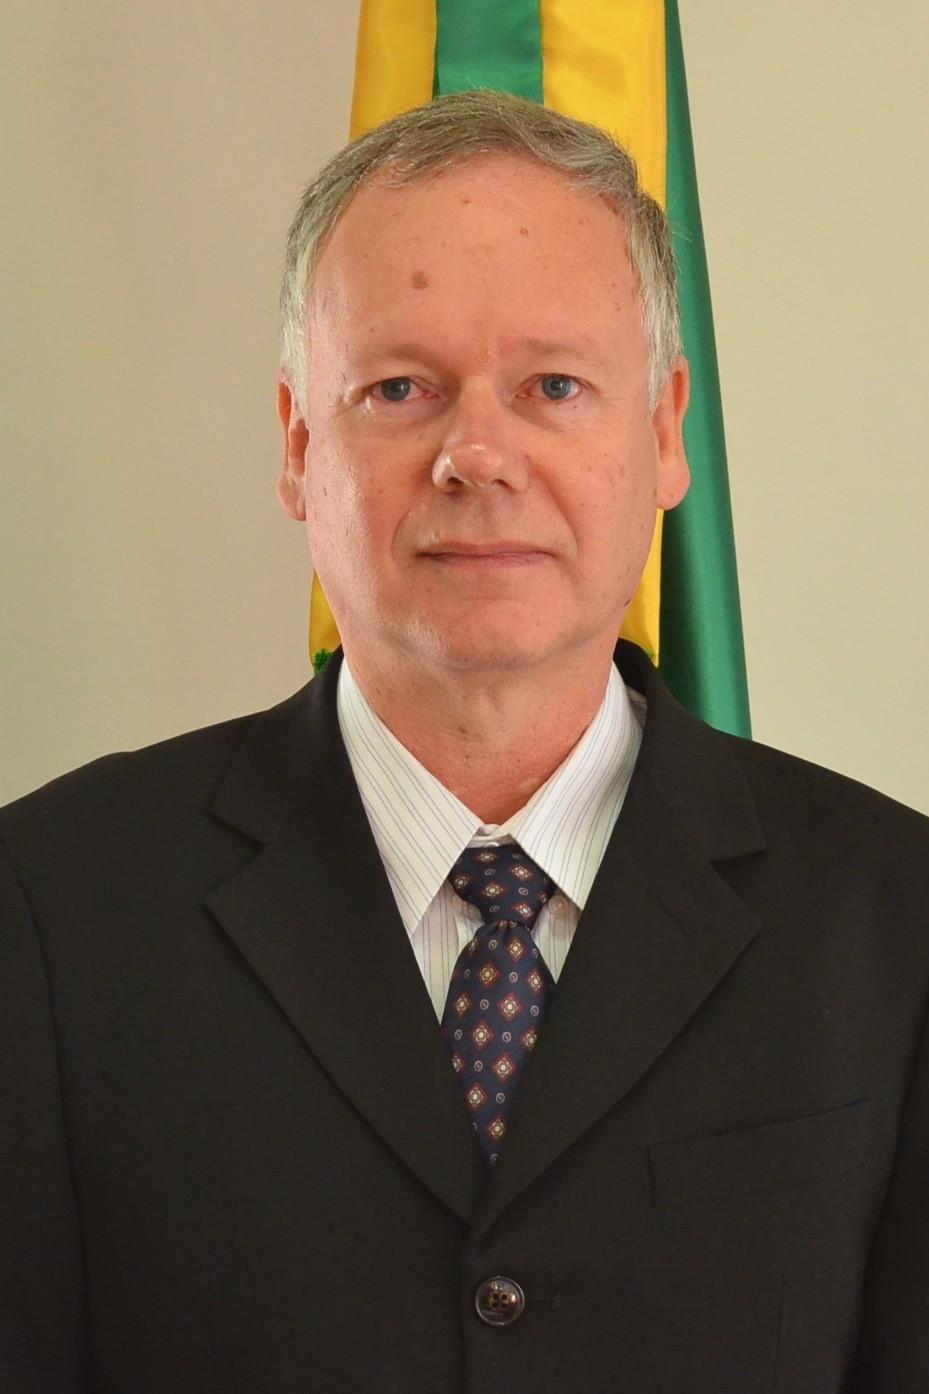 Foto de perfil - Hermann Deppe